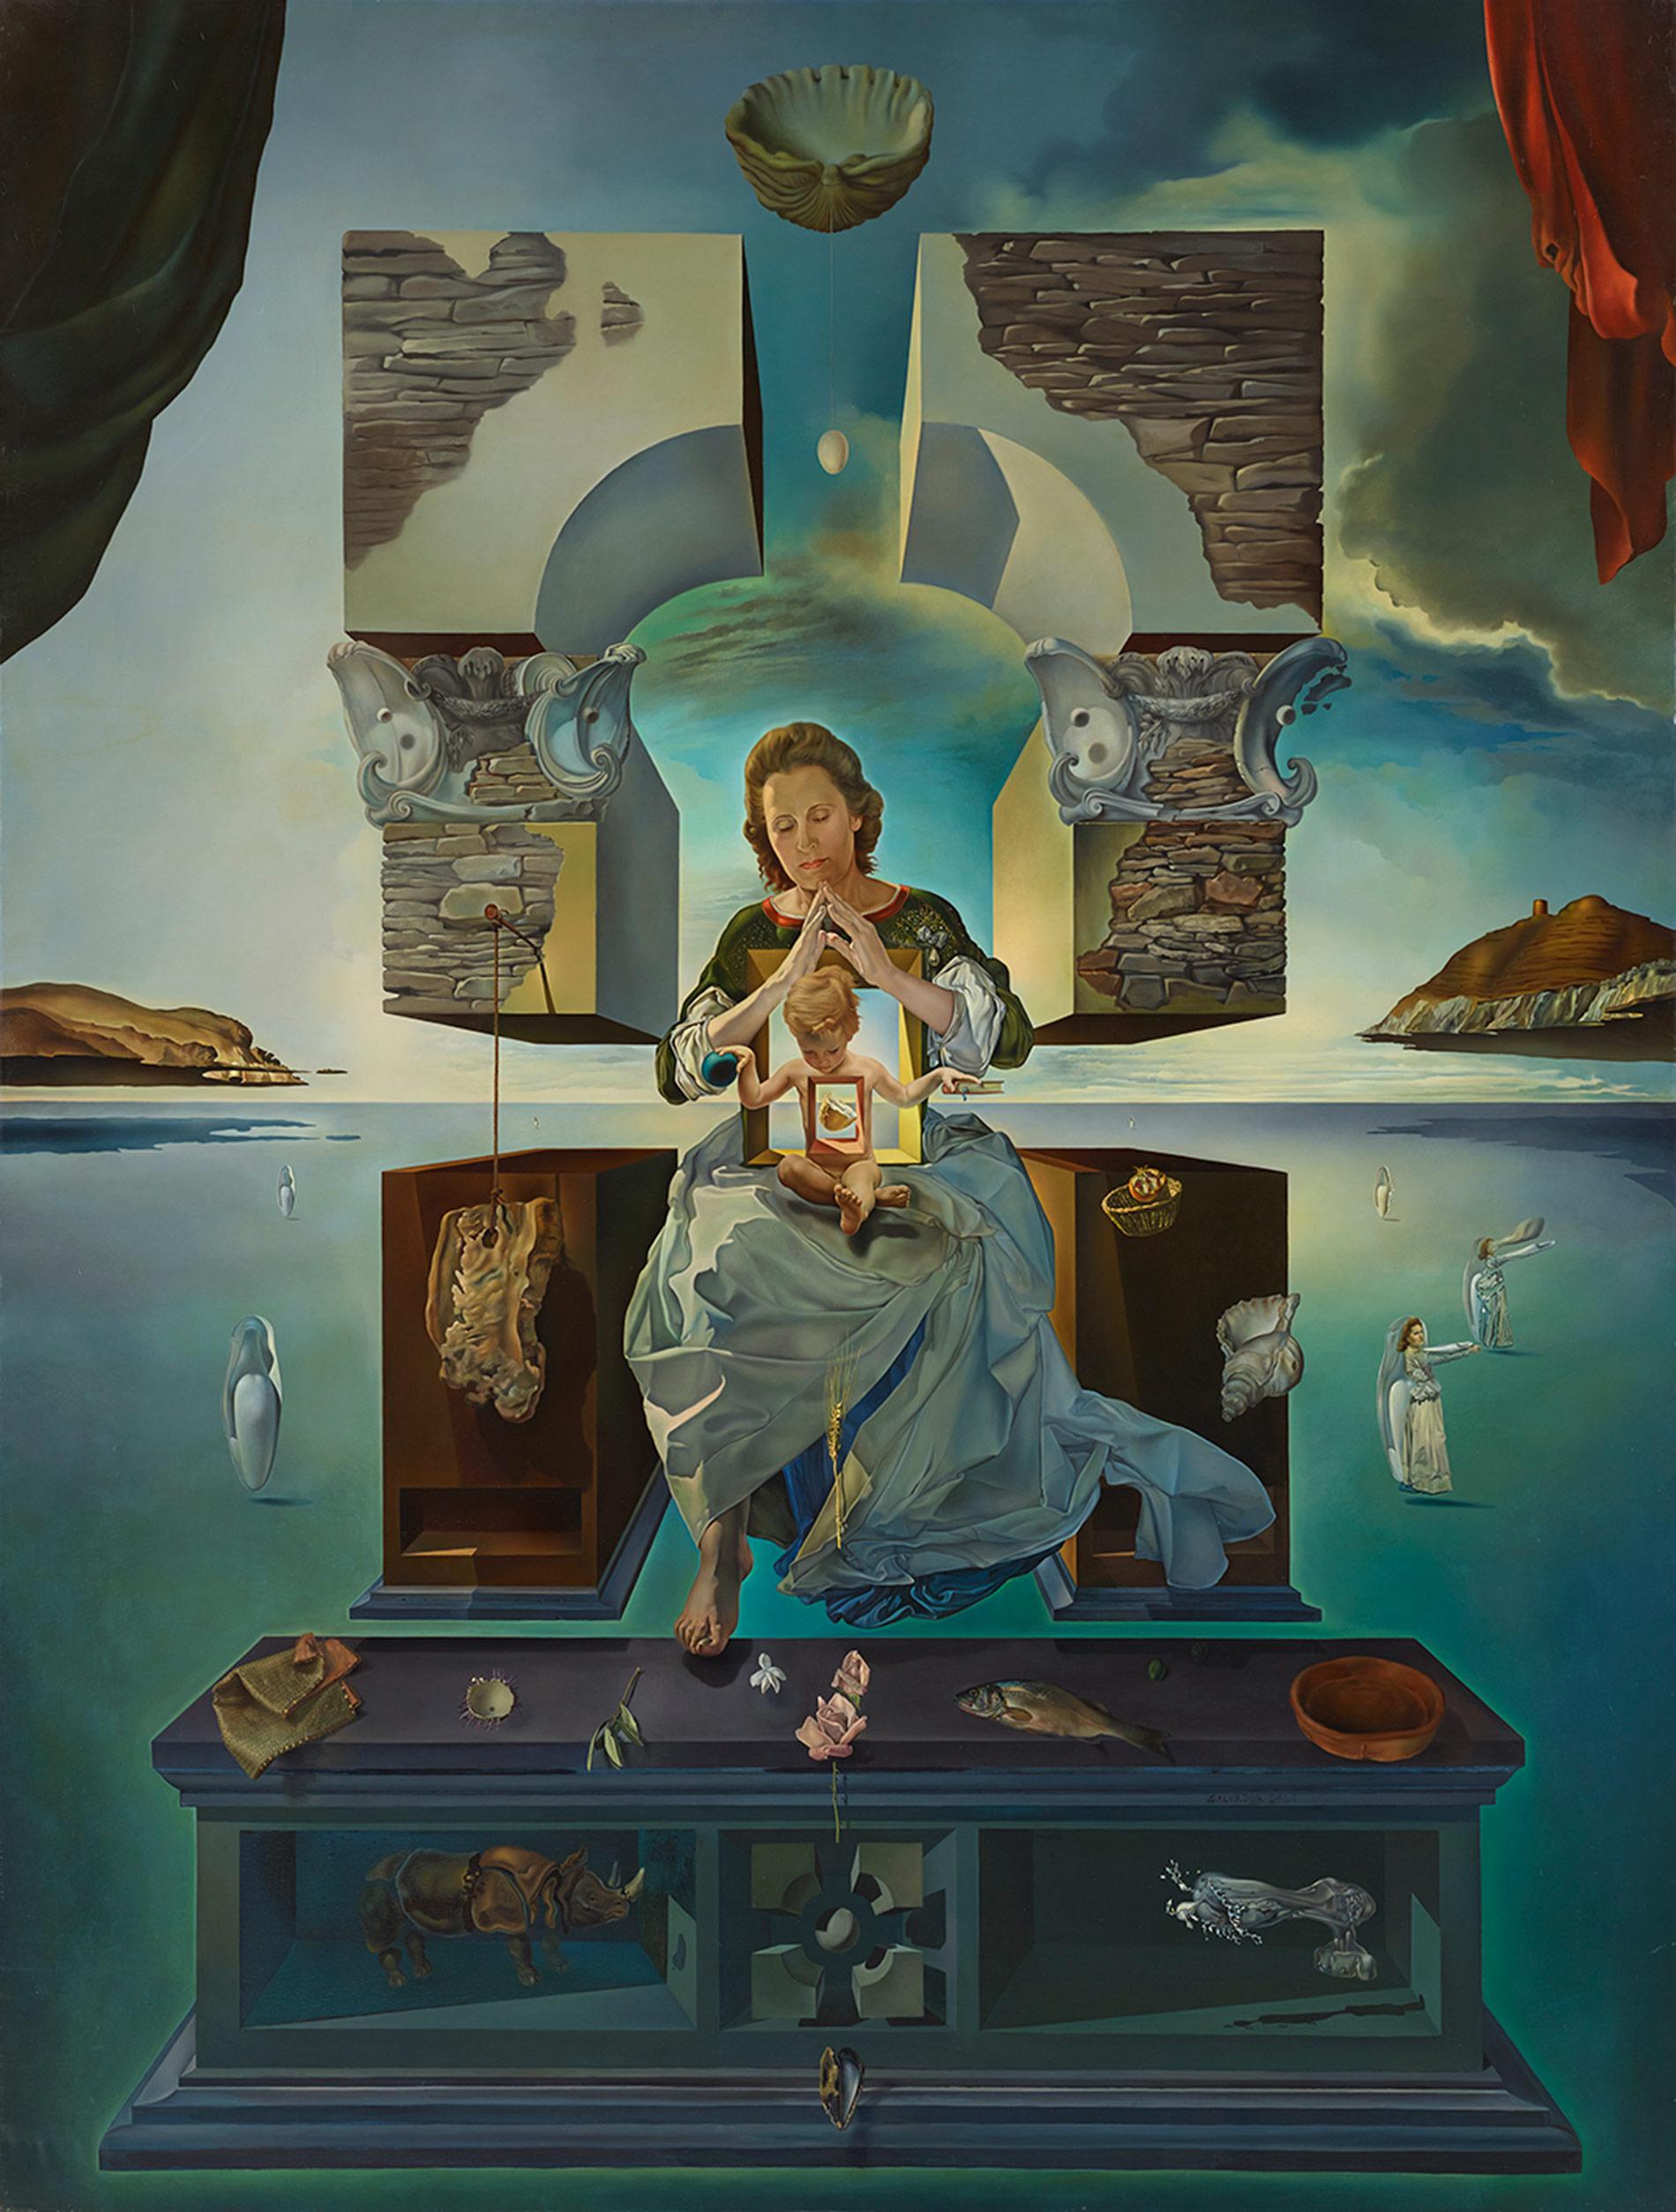 サルバドール・ダリ 《ポルト・リガトの聖母》 1950 年、275.3×209.8cm、カンヴァスに油彩、福岡市美術館蔵 © Salvador Dalí, Fundació Gala-Salvdor Dalí, JASPAR, Japan, 2016. *東京会場のみ展示